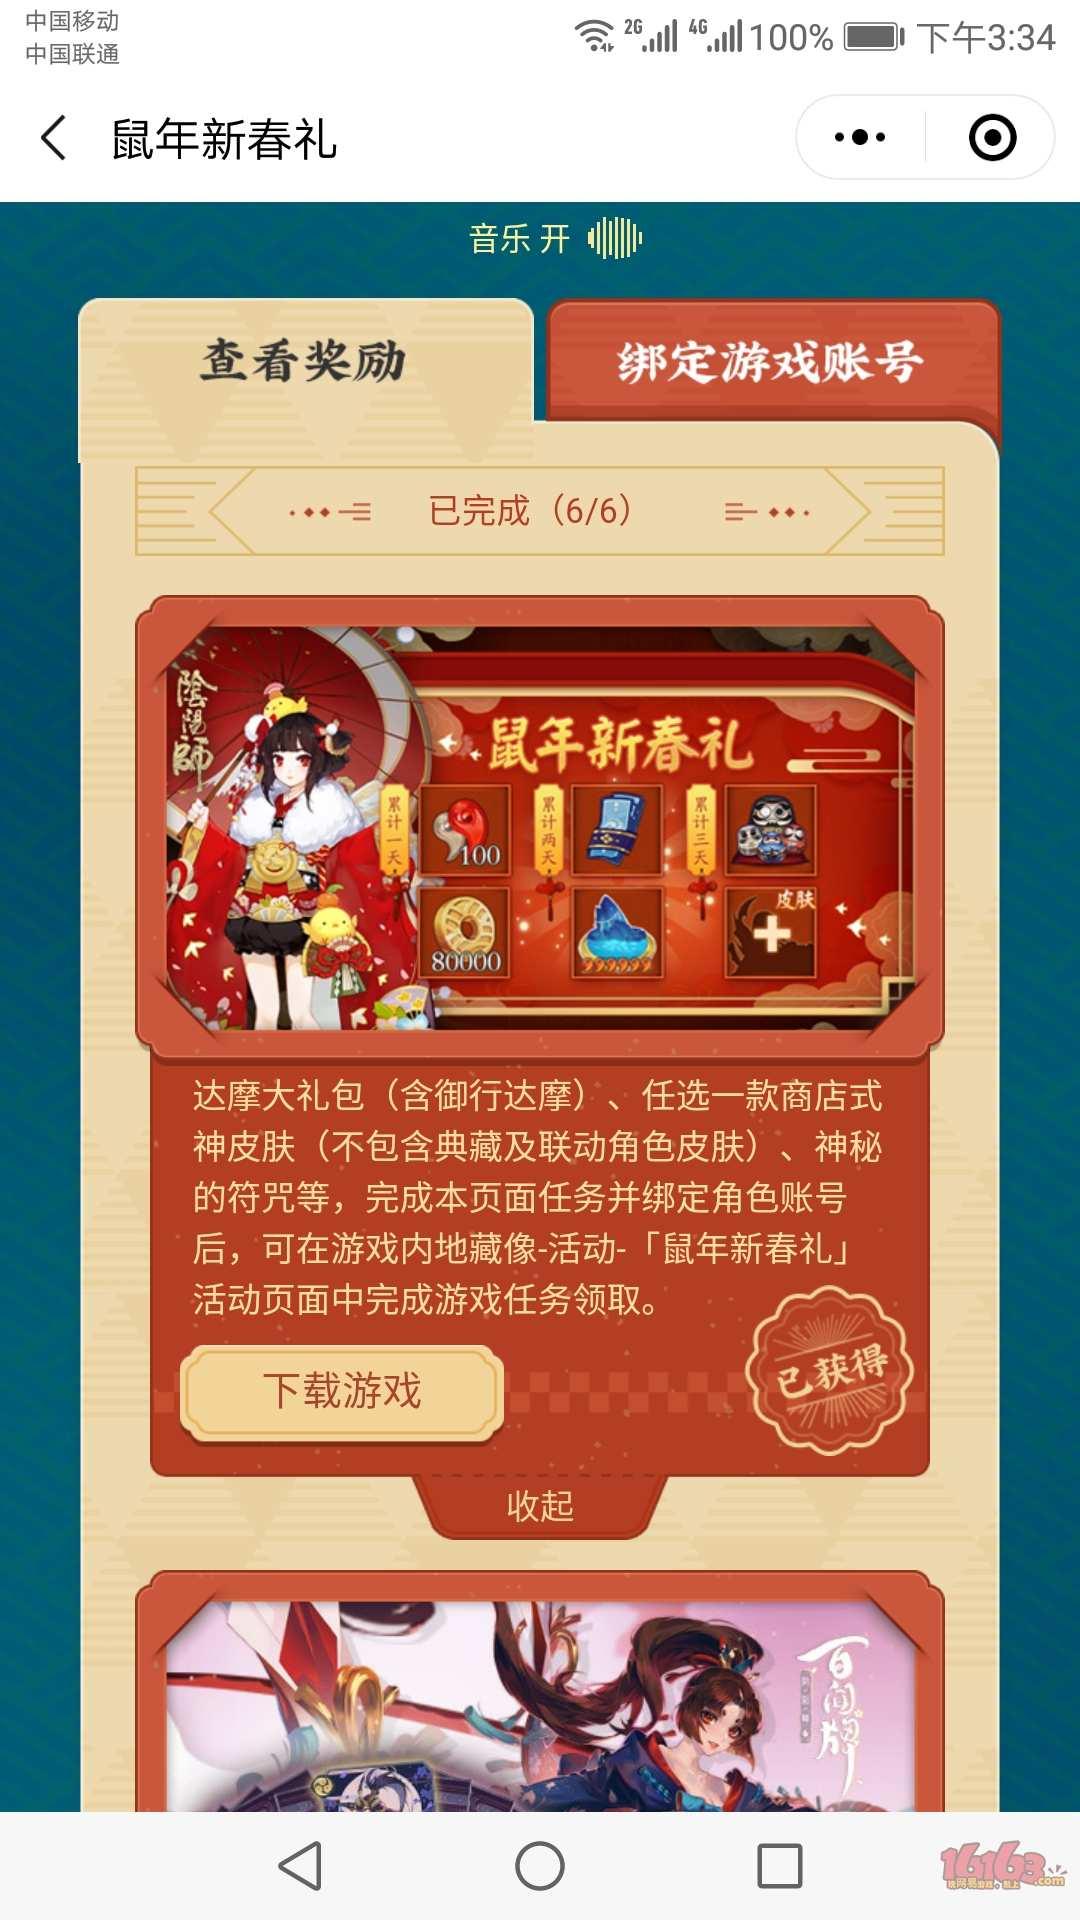 Screenshot_20200125-153404.jpg